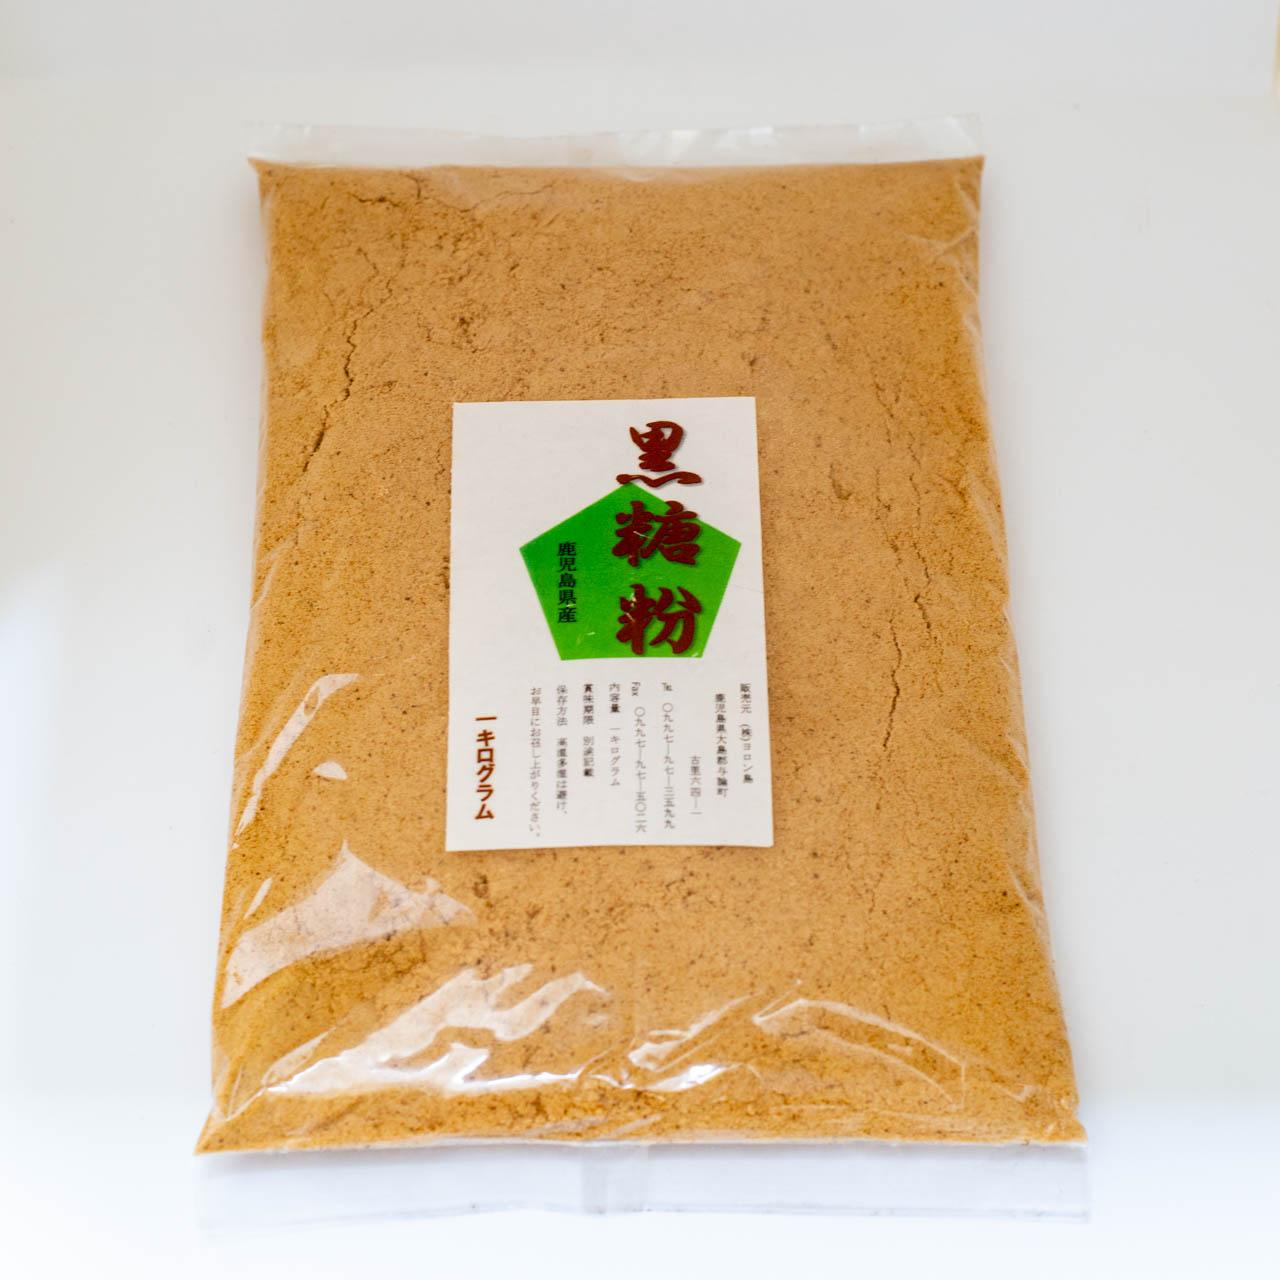 コーヒーや紅茶にお使いいただくと、ほのかな香りとコクを加えます。<br><div>また、お料理の際お砂糖代わりにお使い下さい。</div><div><br></div><div><br></div>